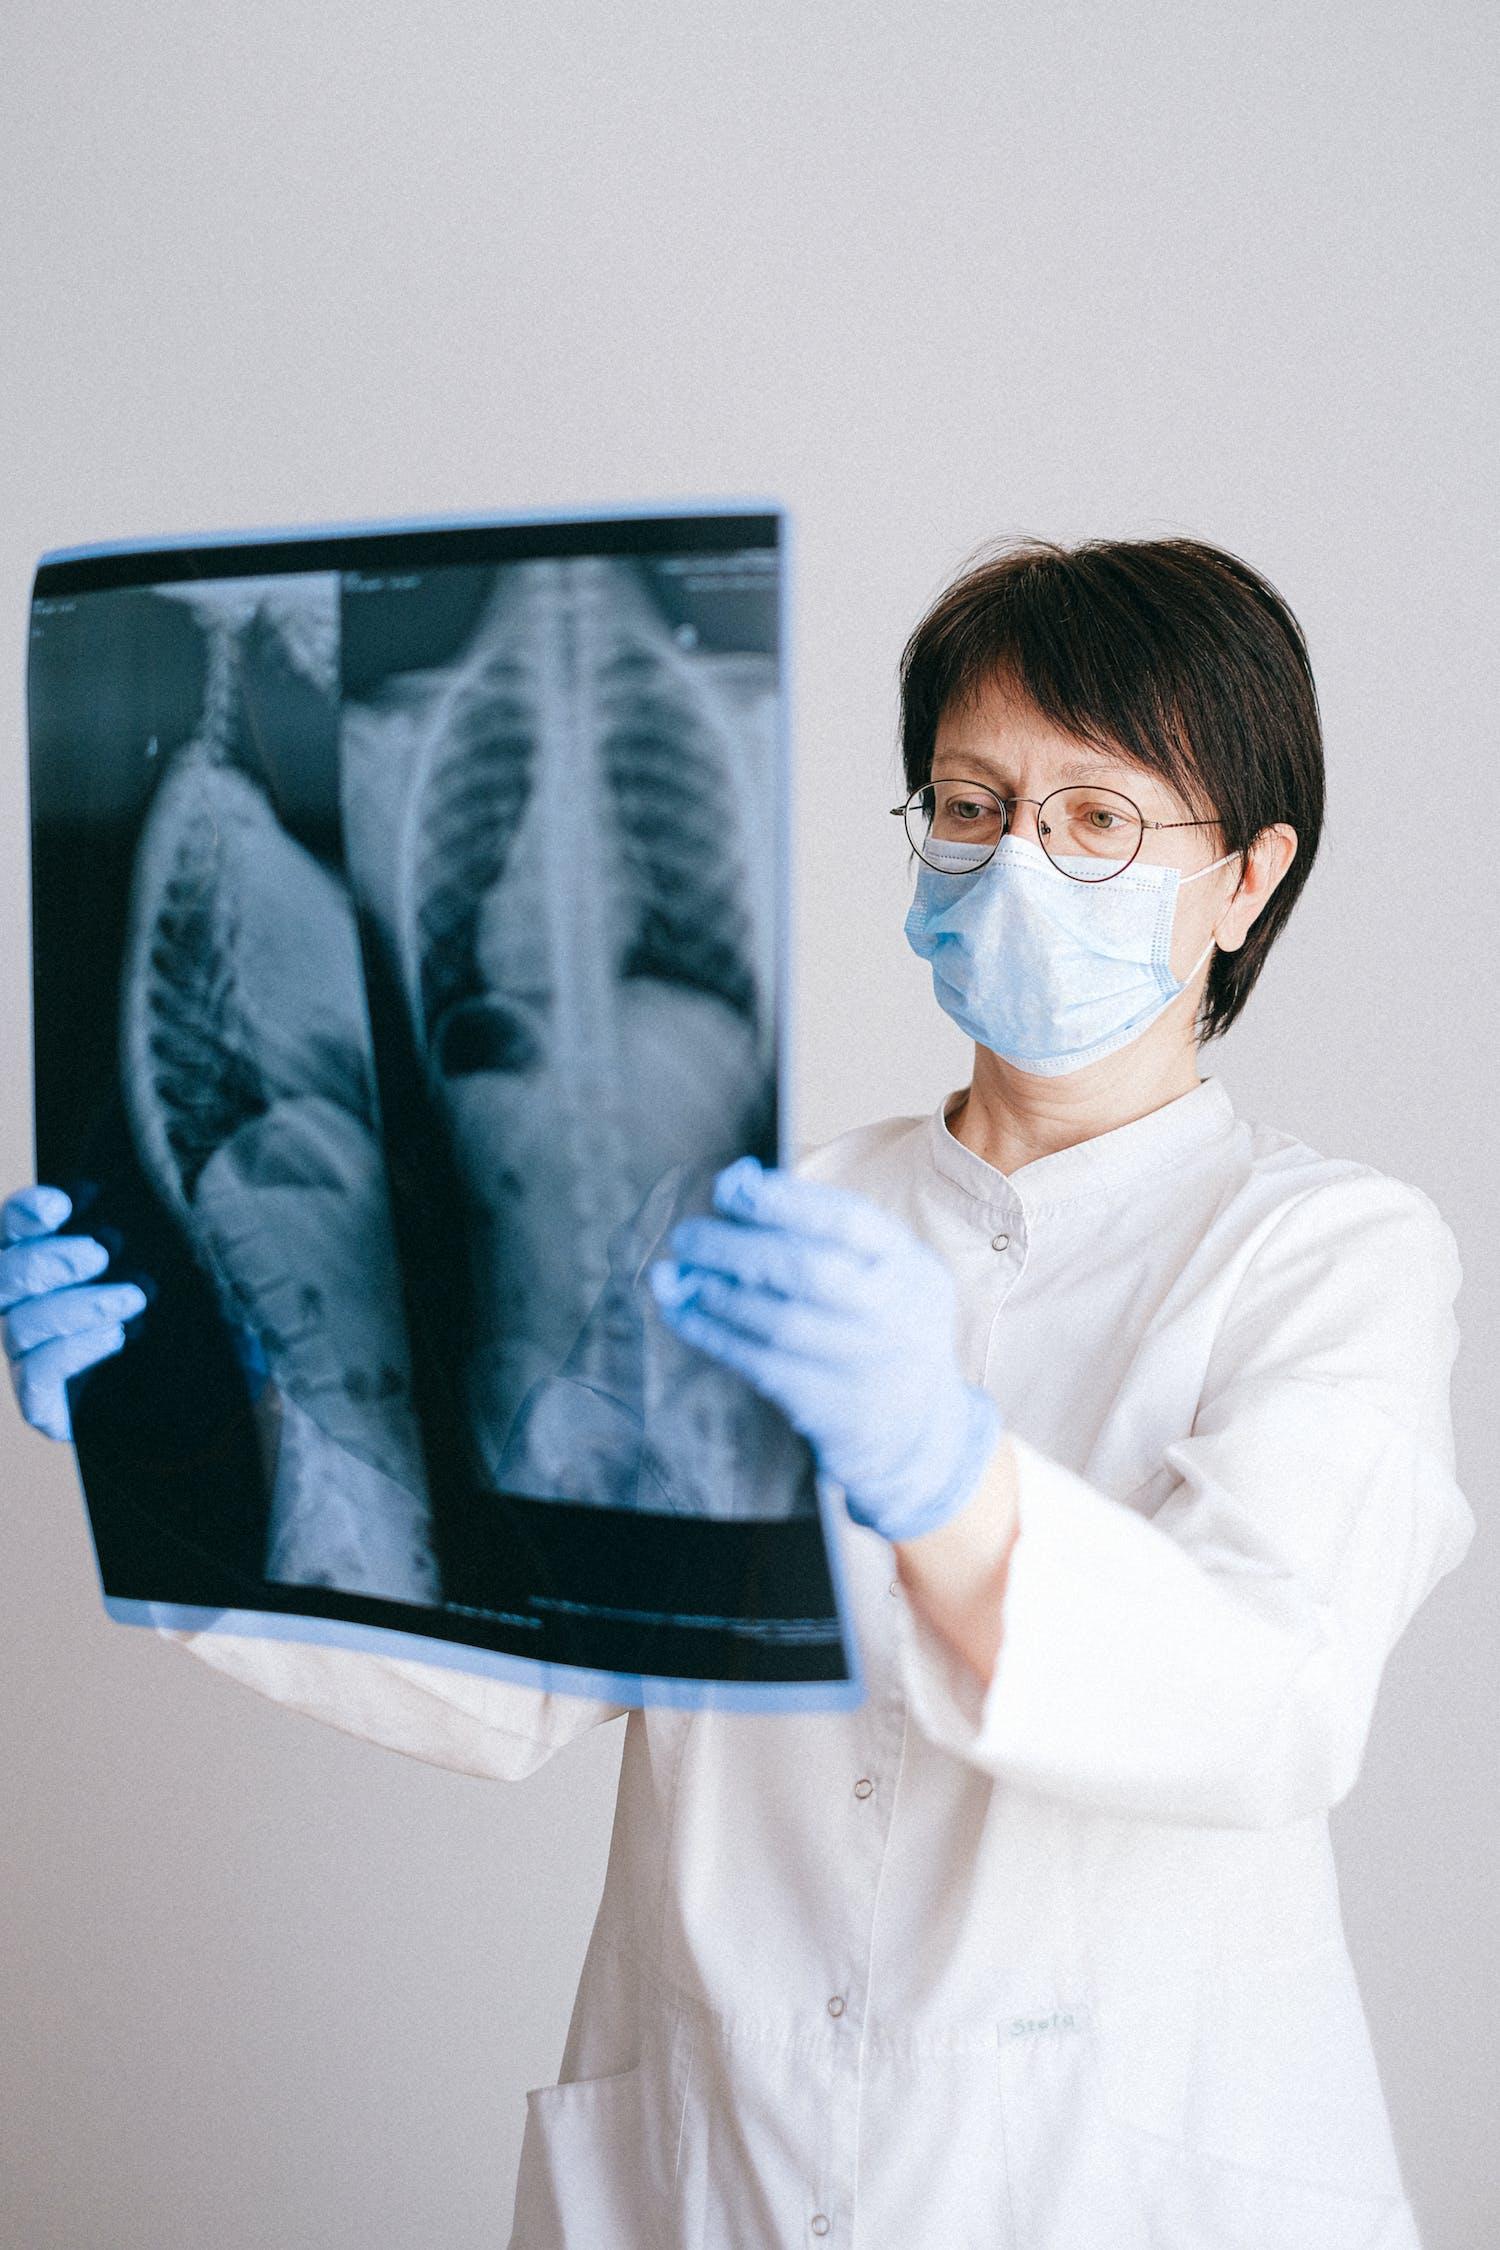 How do ventilators work